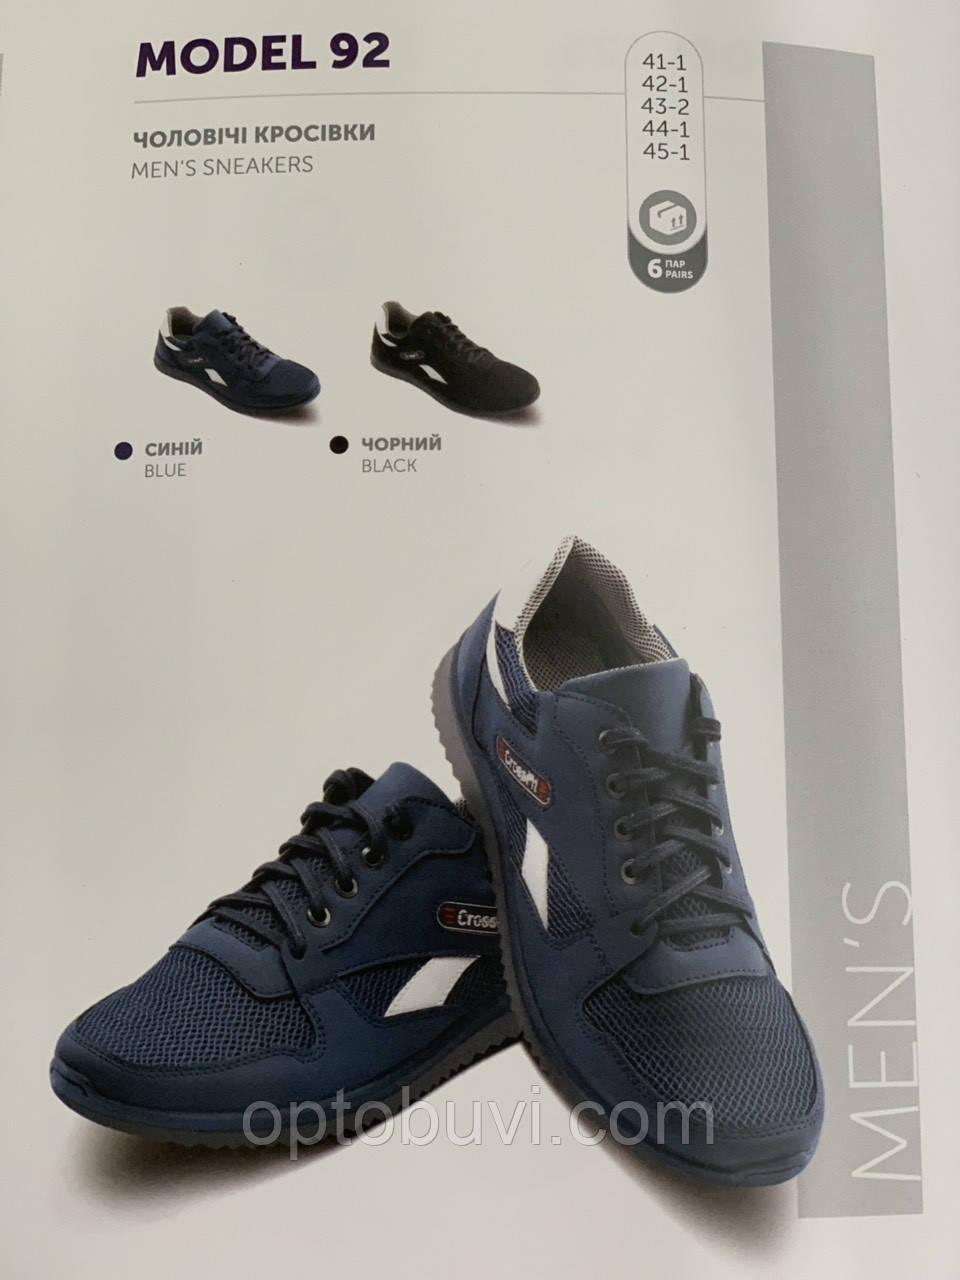 73c0e0d46 Кеды сетка мужские синие на шнуровке Даго оптом - Обувь оптом Шуз-холл    Обувь